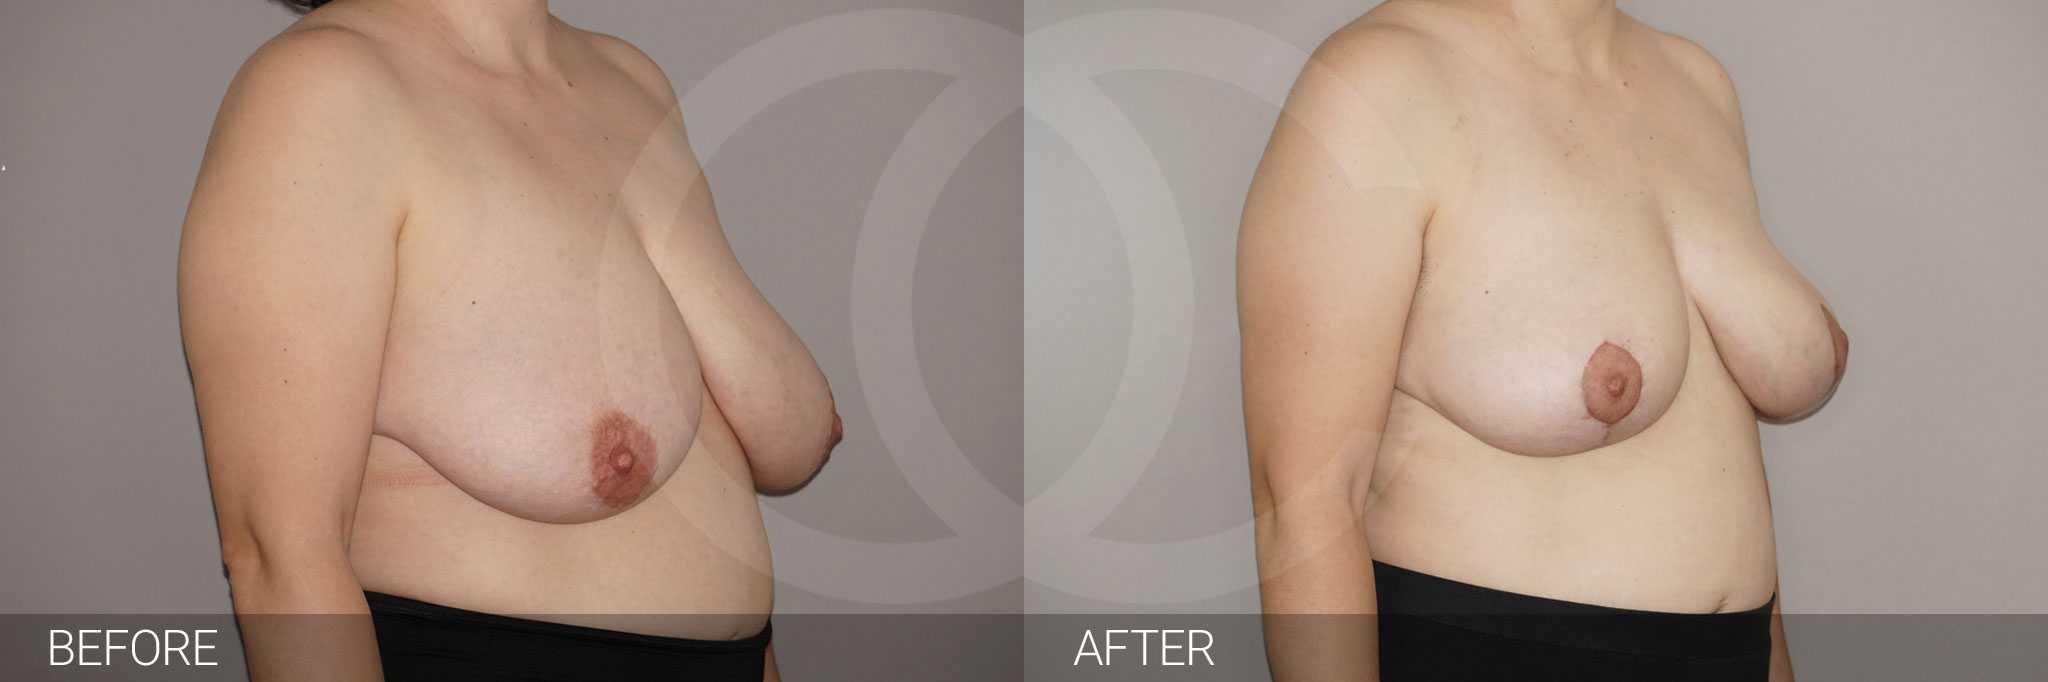 Reducción de pechos con liposucción ante/post-op II